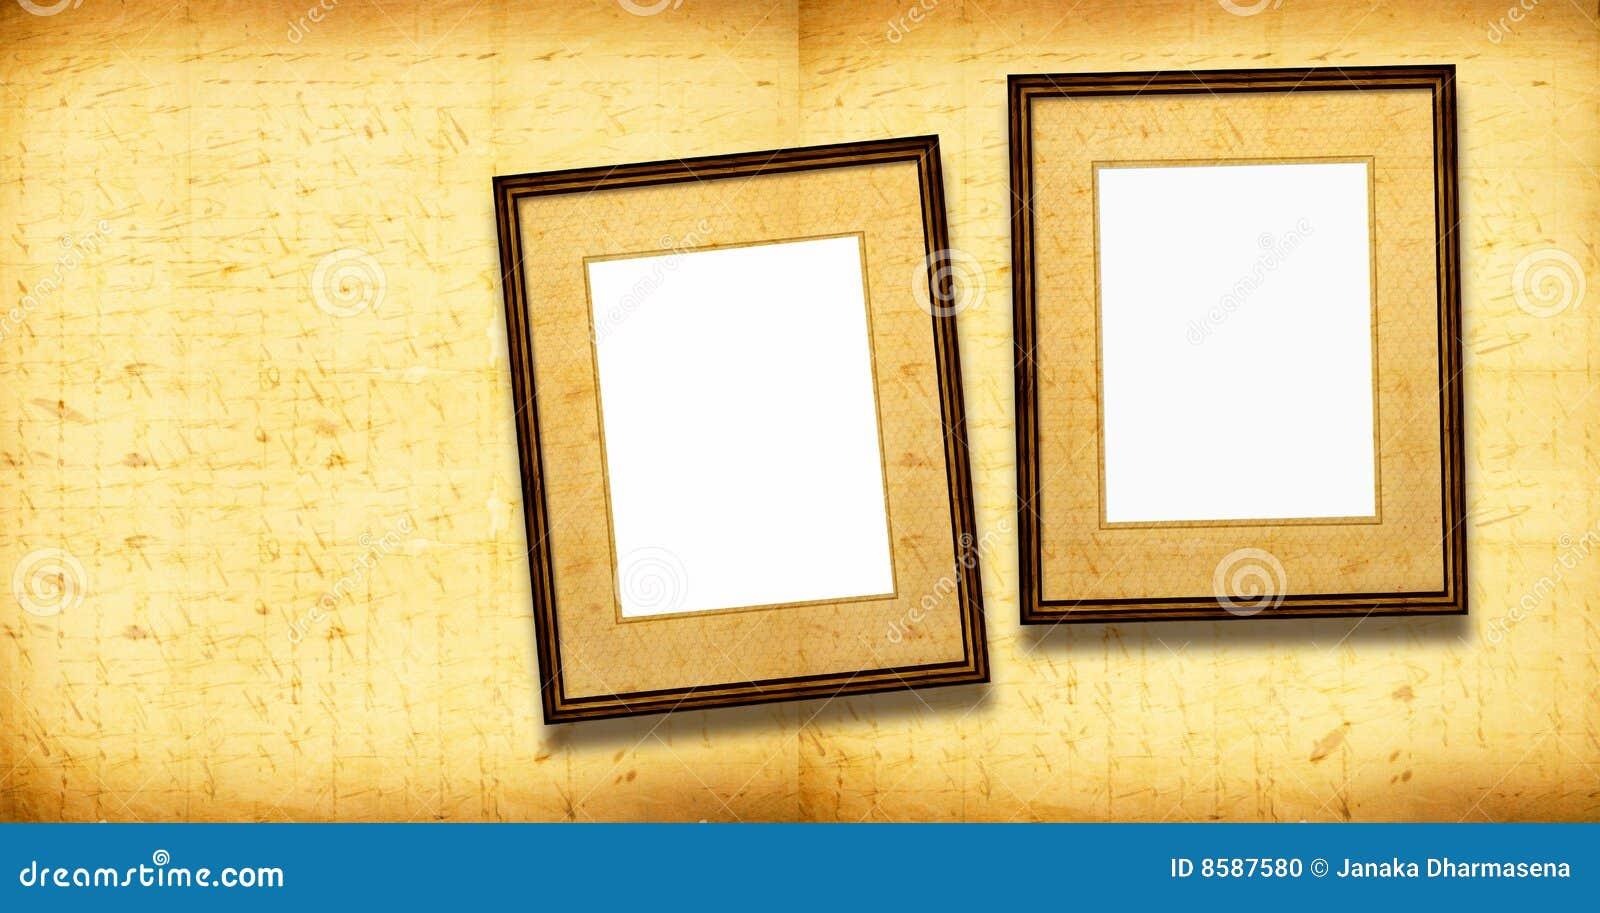 Alte Bilderrahmen stock abbildung. Illustration von grunge - 8587580